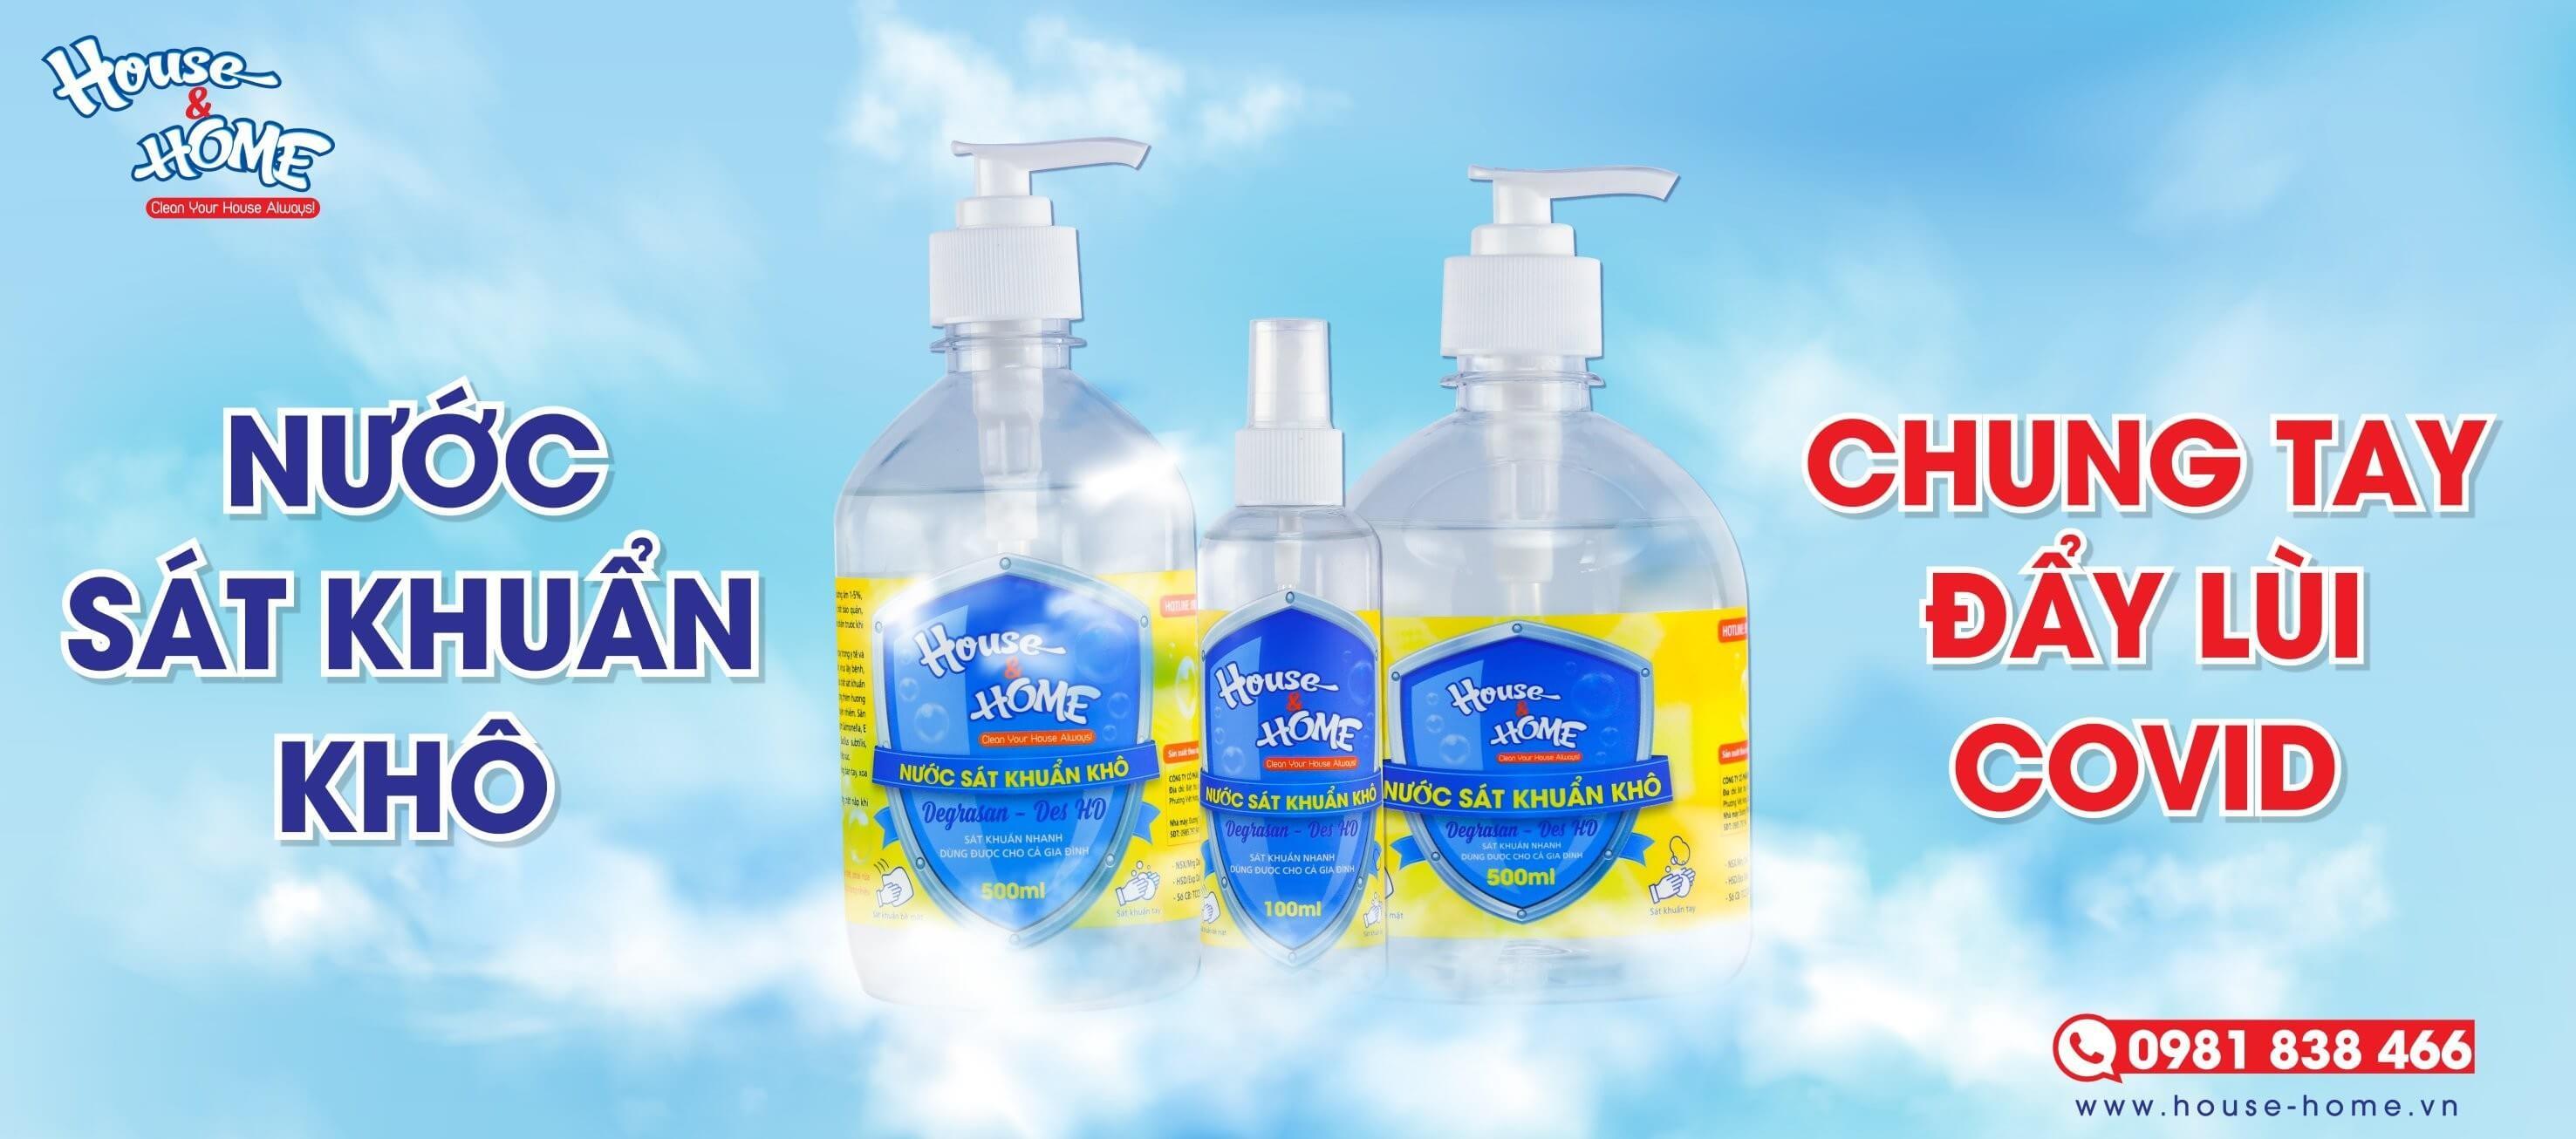 Mua nước rửa tay khô ở đâu uy tín và chất lượng hiện nay